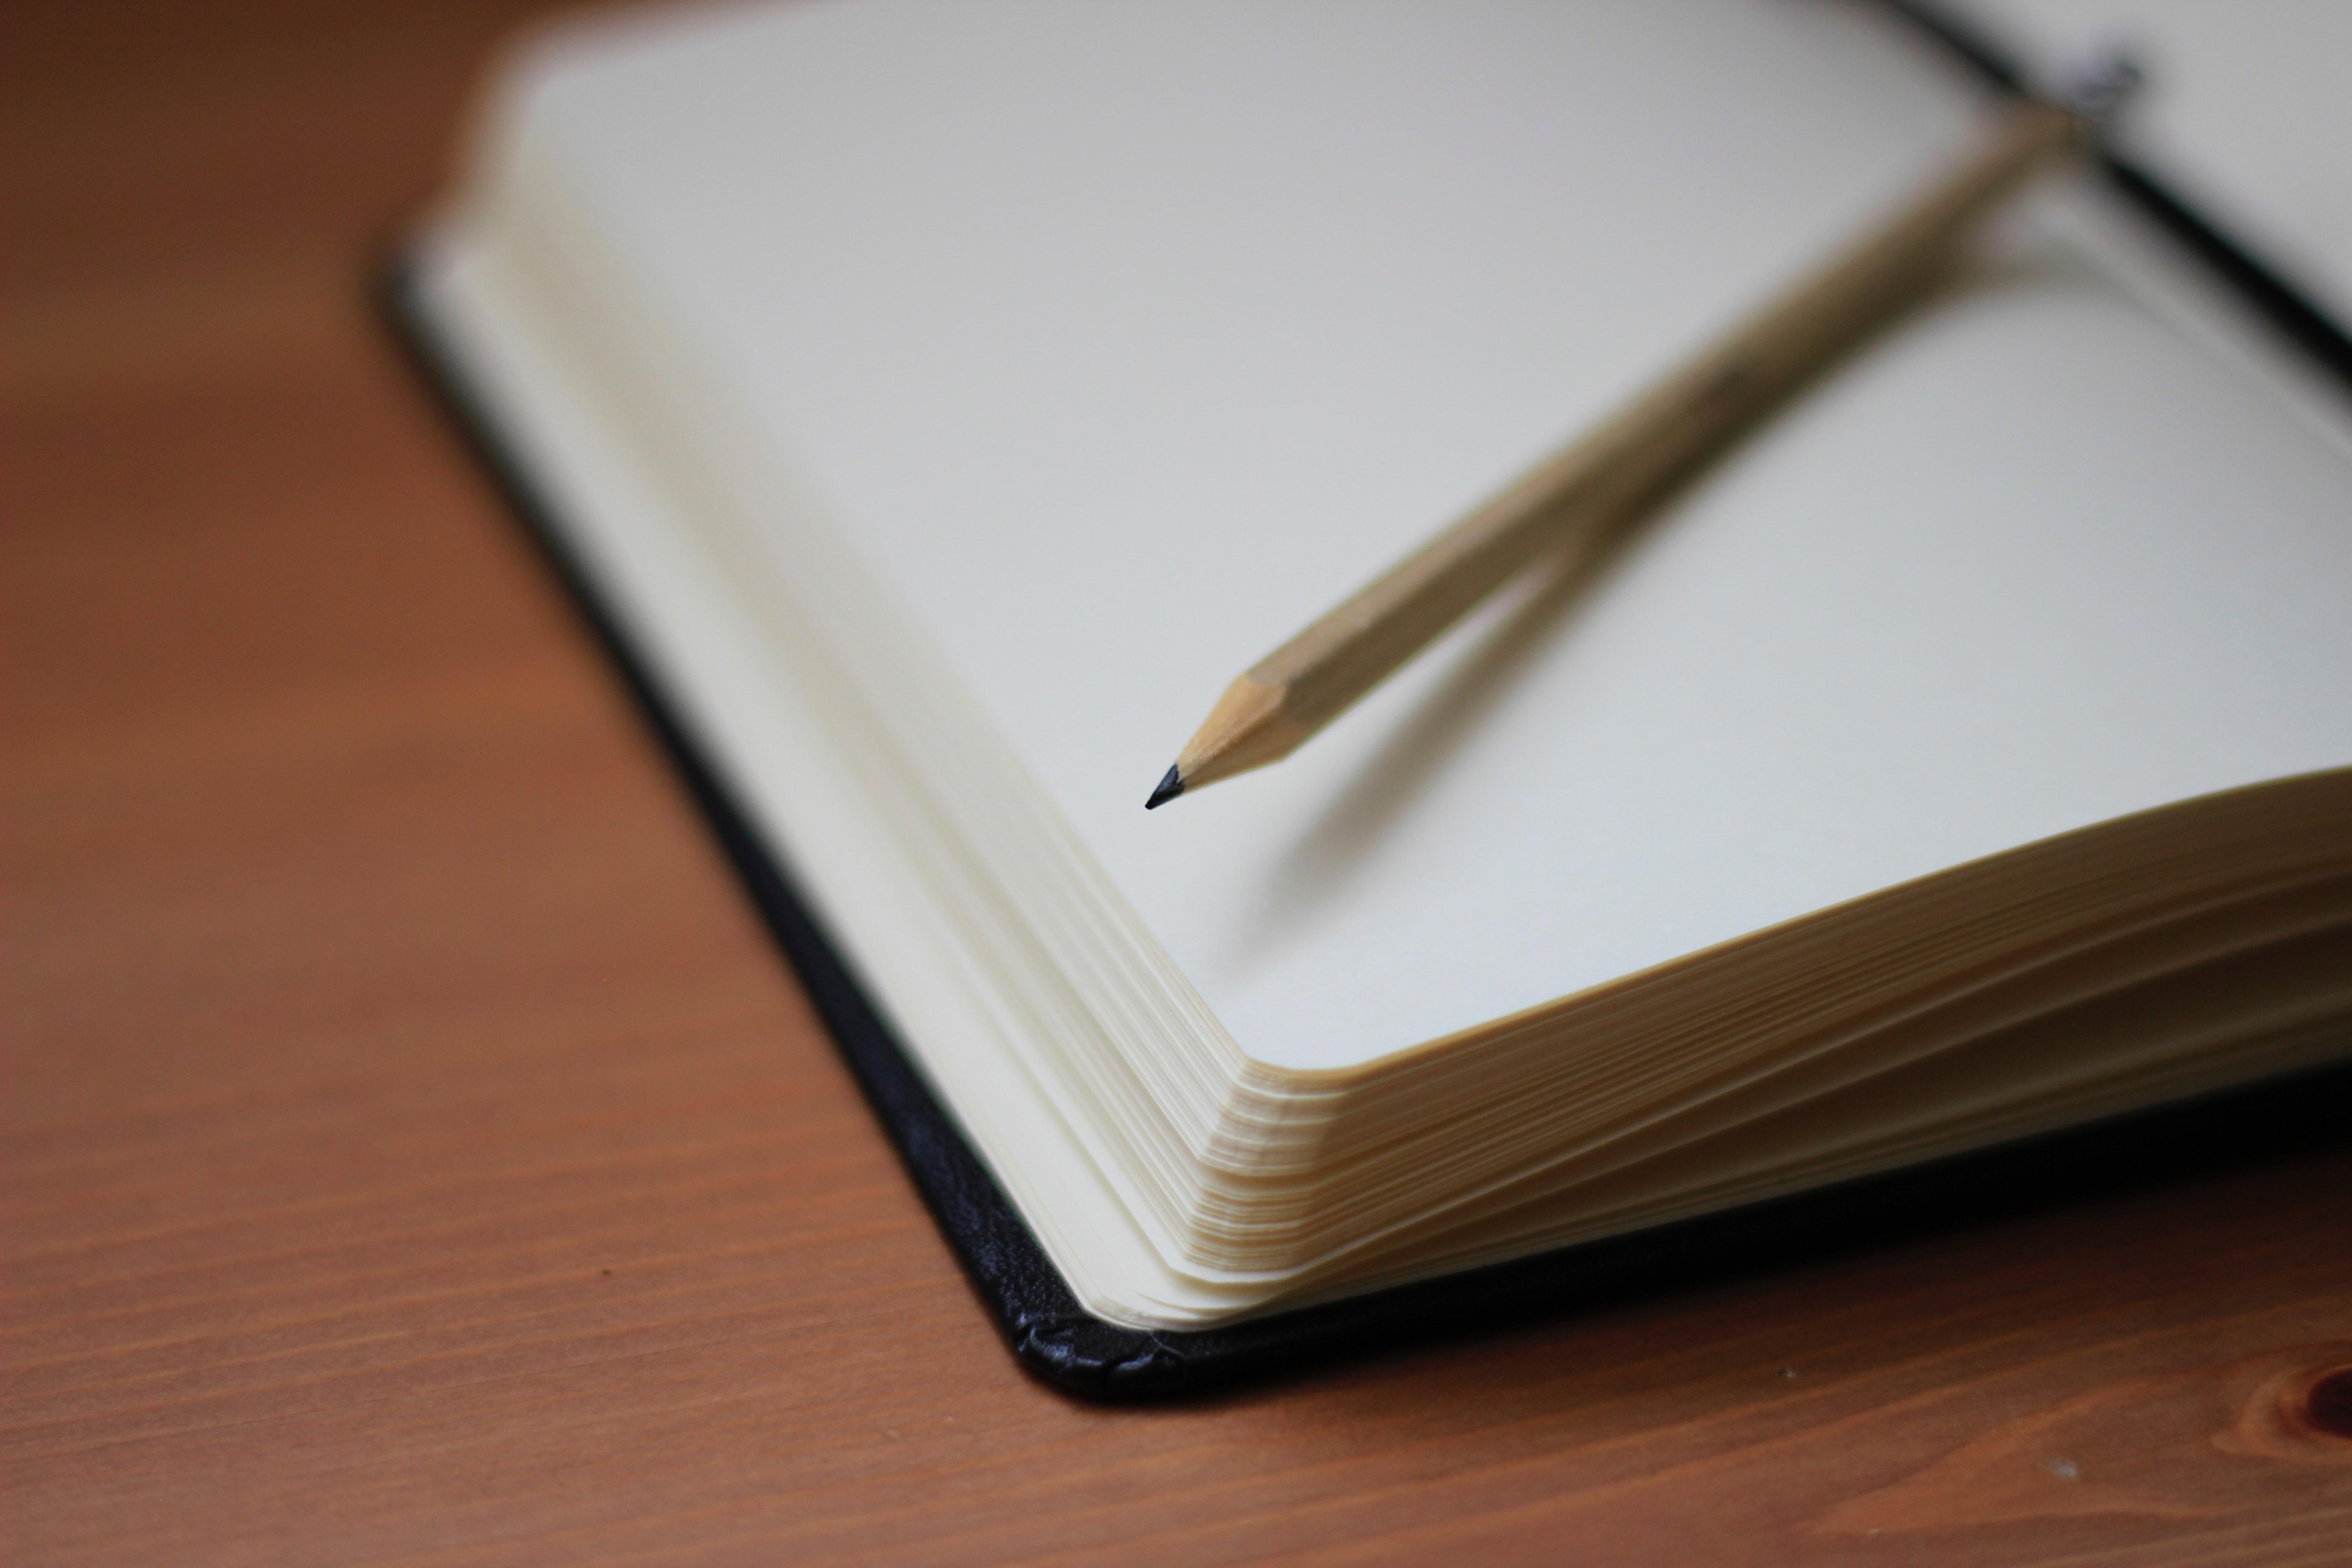 راهنمای نکتهبرداری از کتاب؛ قابل عرضه به تنبلها و کمالگرایان